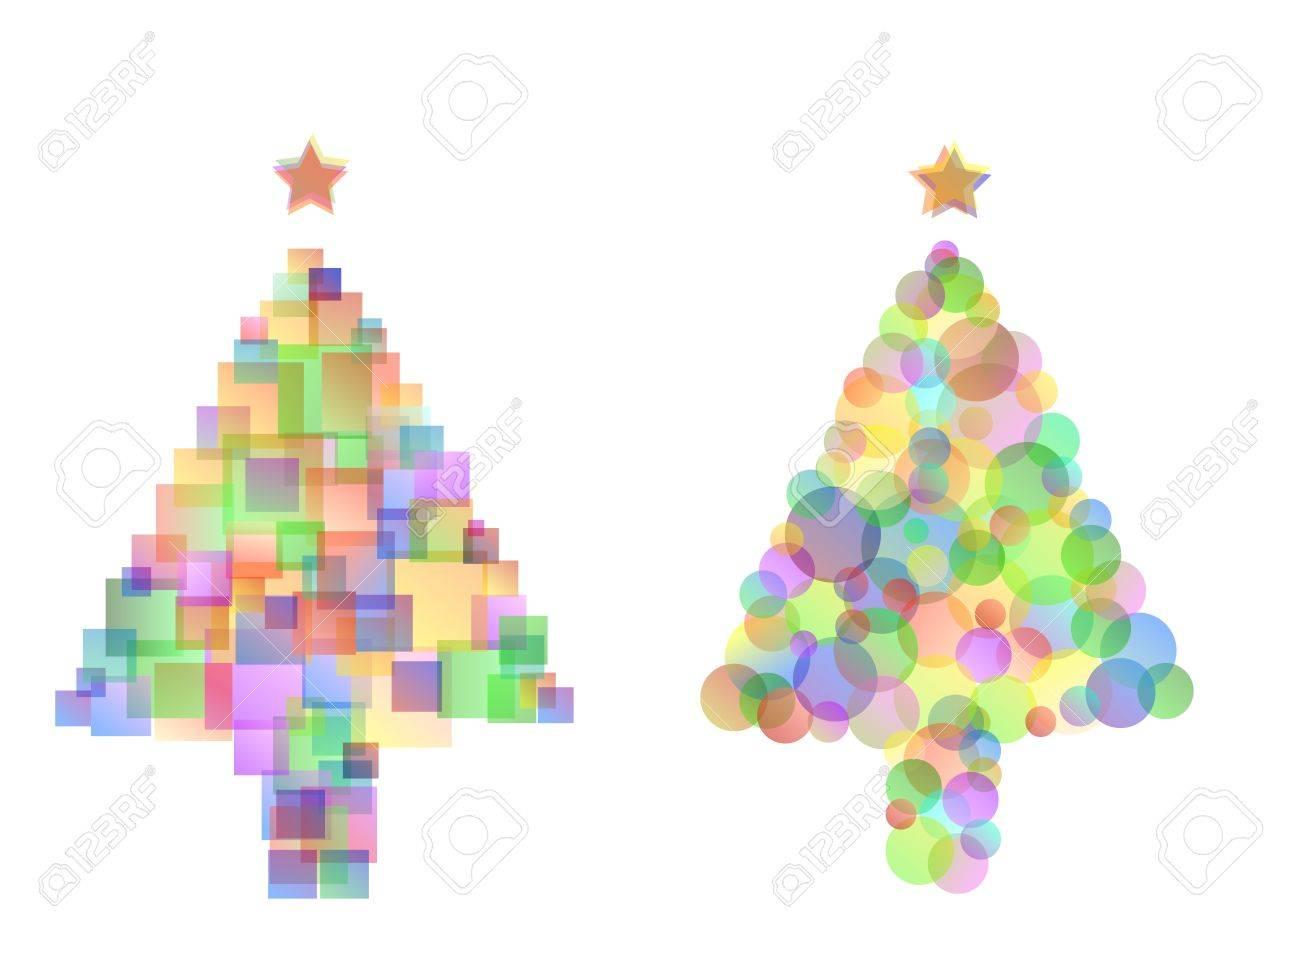 Disegni Di Natale Vettoriali.Due Diversi Disegni Multicolore Albero Di Natale Con Stelle Isolato Su Bianco Opacita E Sfumature Utilizzate